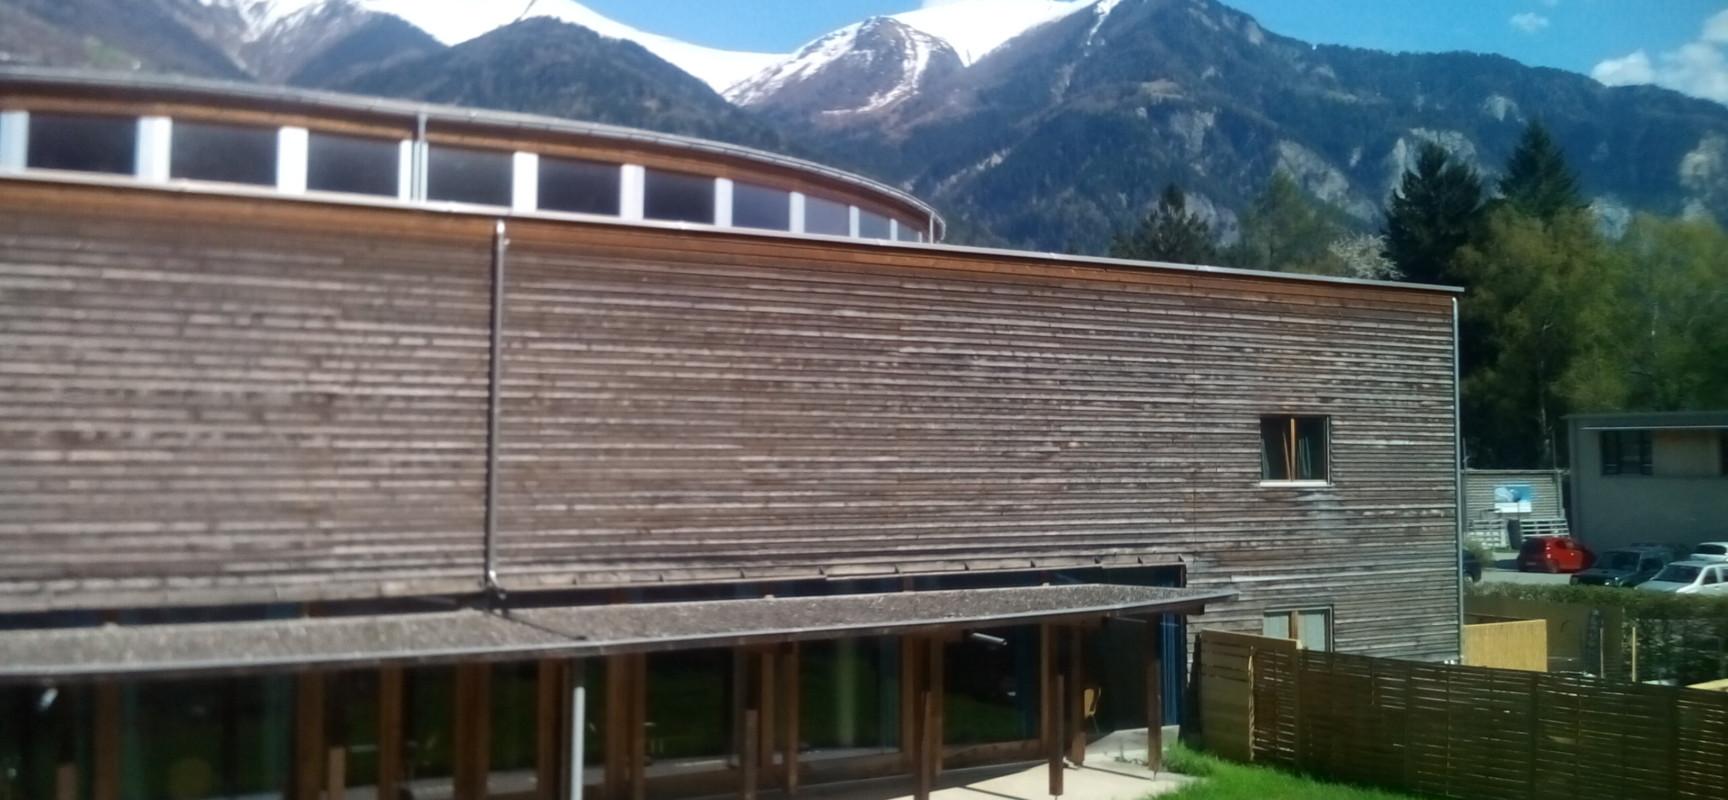 Cazis, GraubündenVieh / Viehvermarktungszentrum: